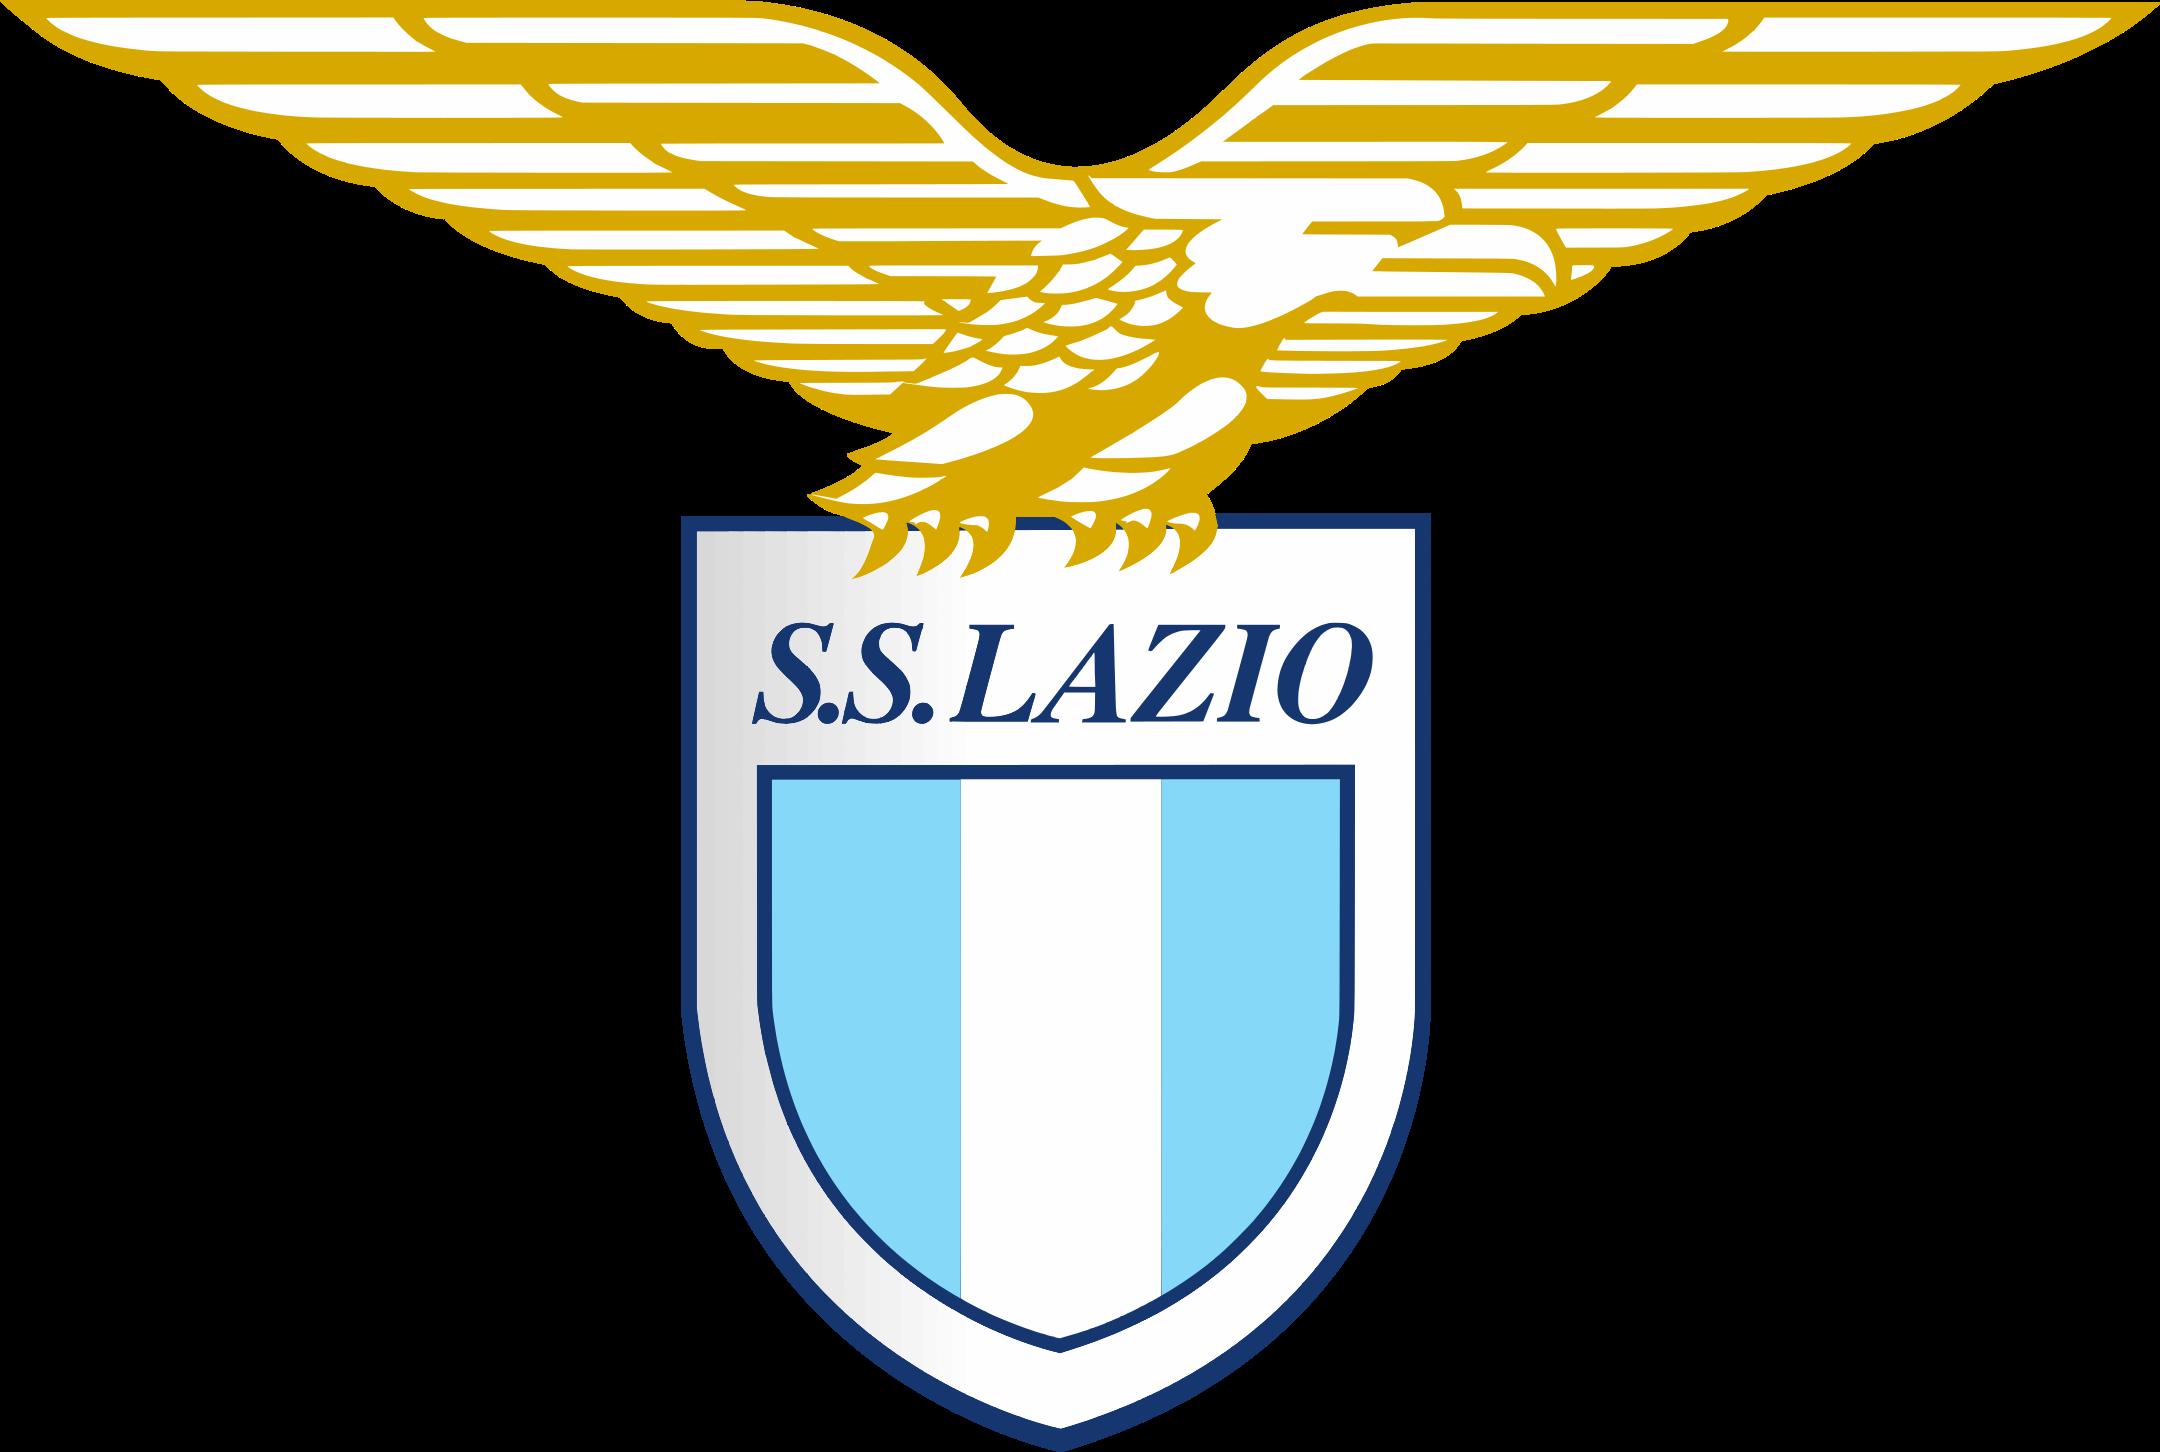 lazio logo 1 - SS Lazio Logo